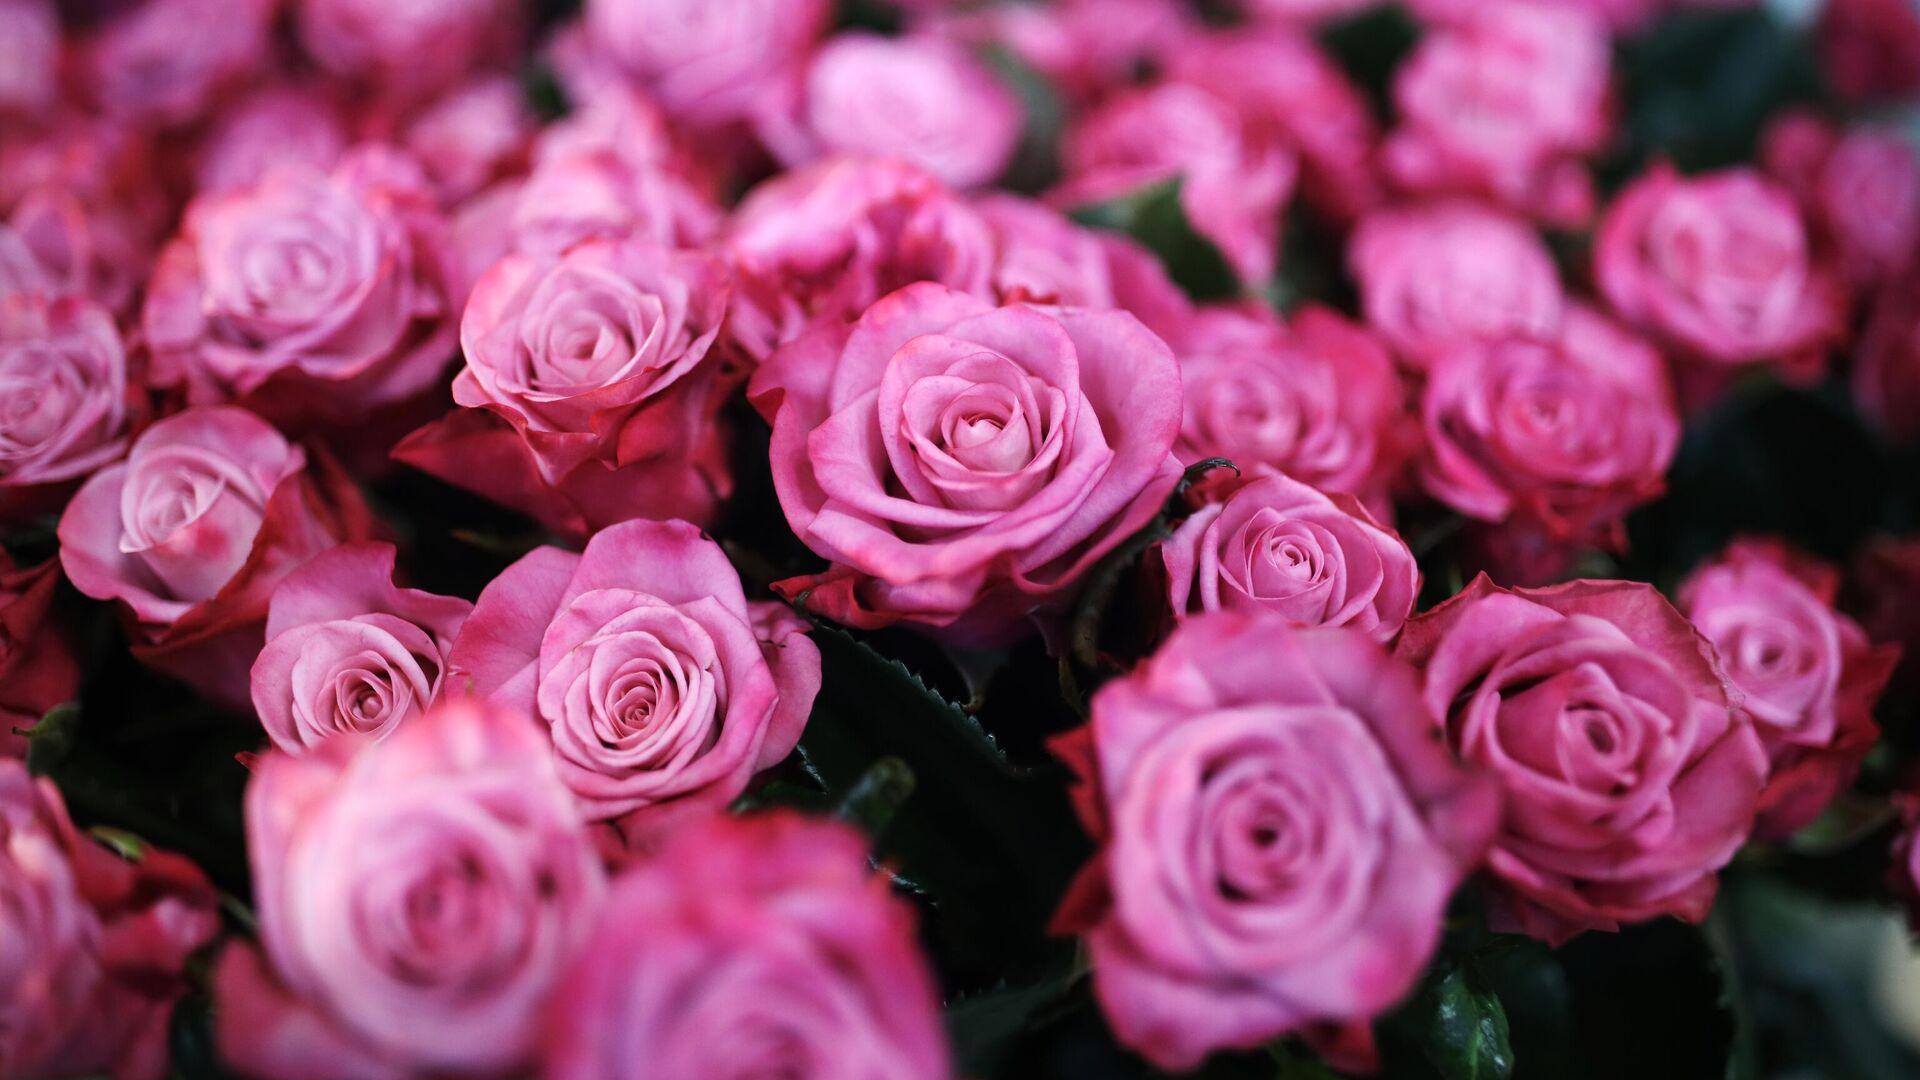 Розы, выращенные в тепличном комплексе Зелёный Дом - РИА Новости, 1920, 04.03.2021